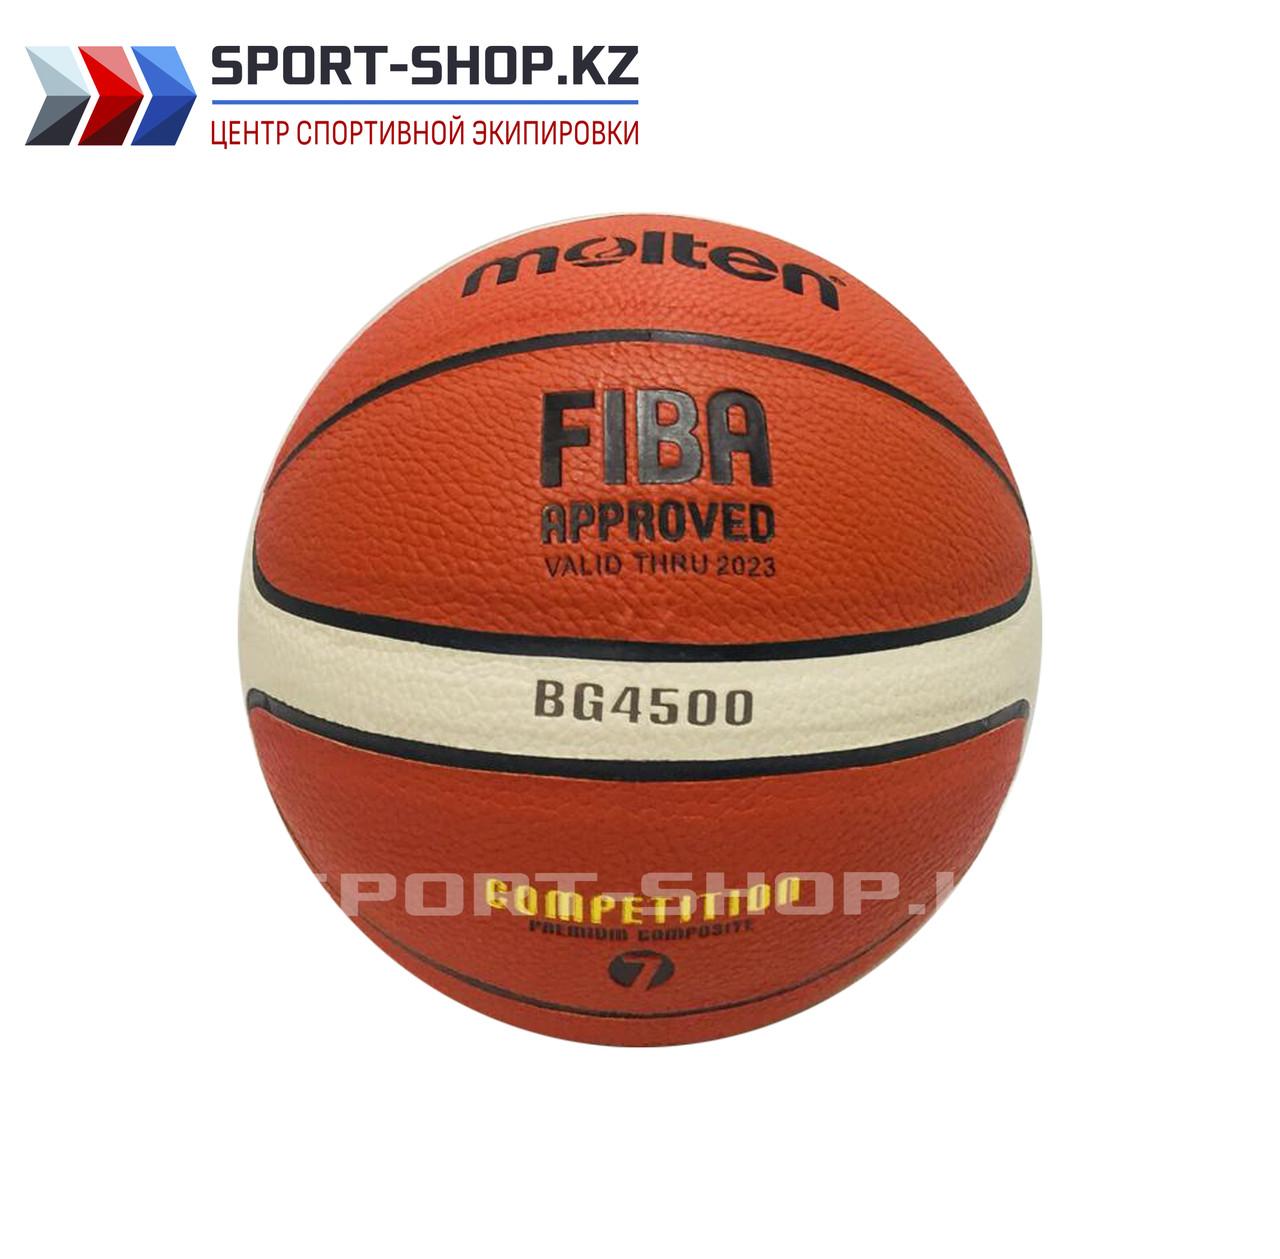 Баскетбольный мяч Molten BG4500